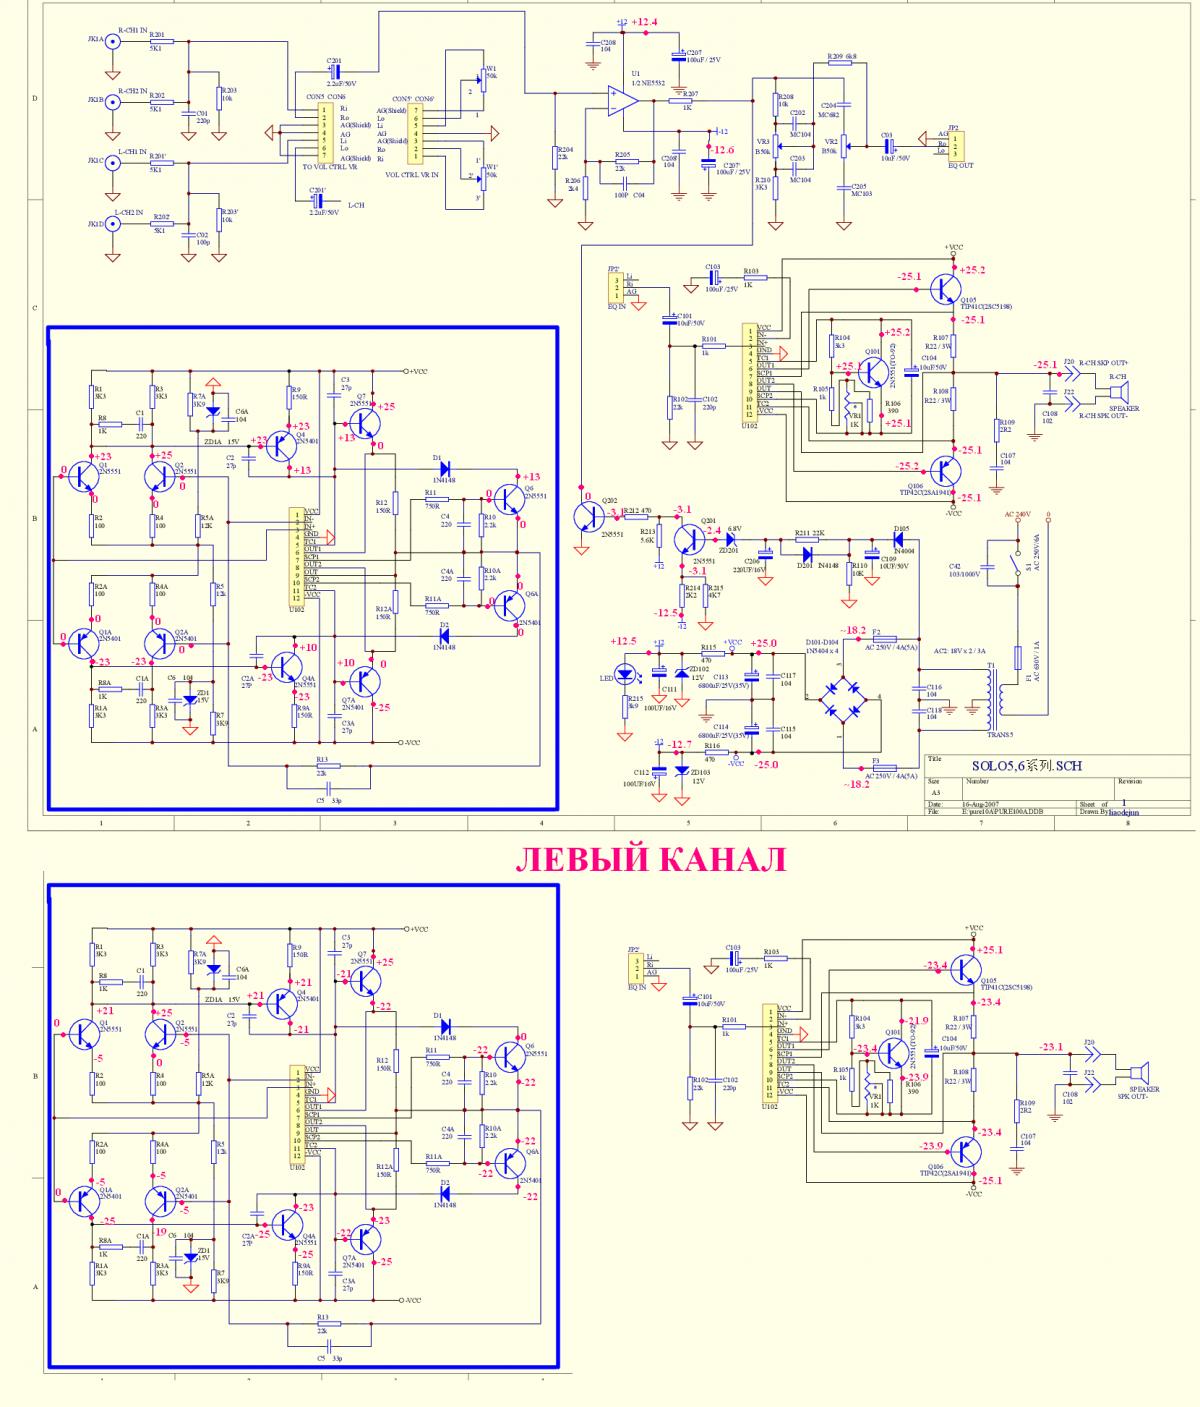 Свен мс 3000 схема электрическая